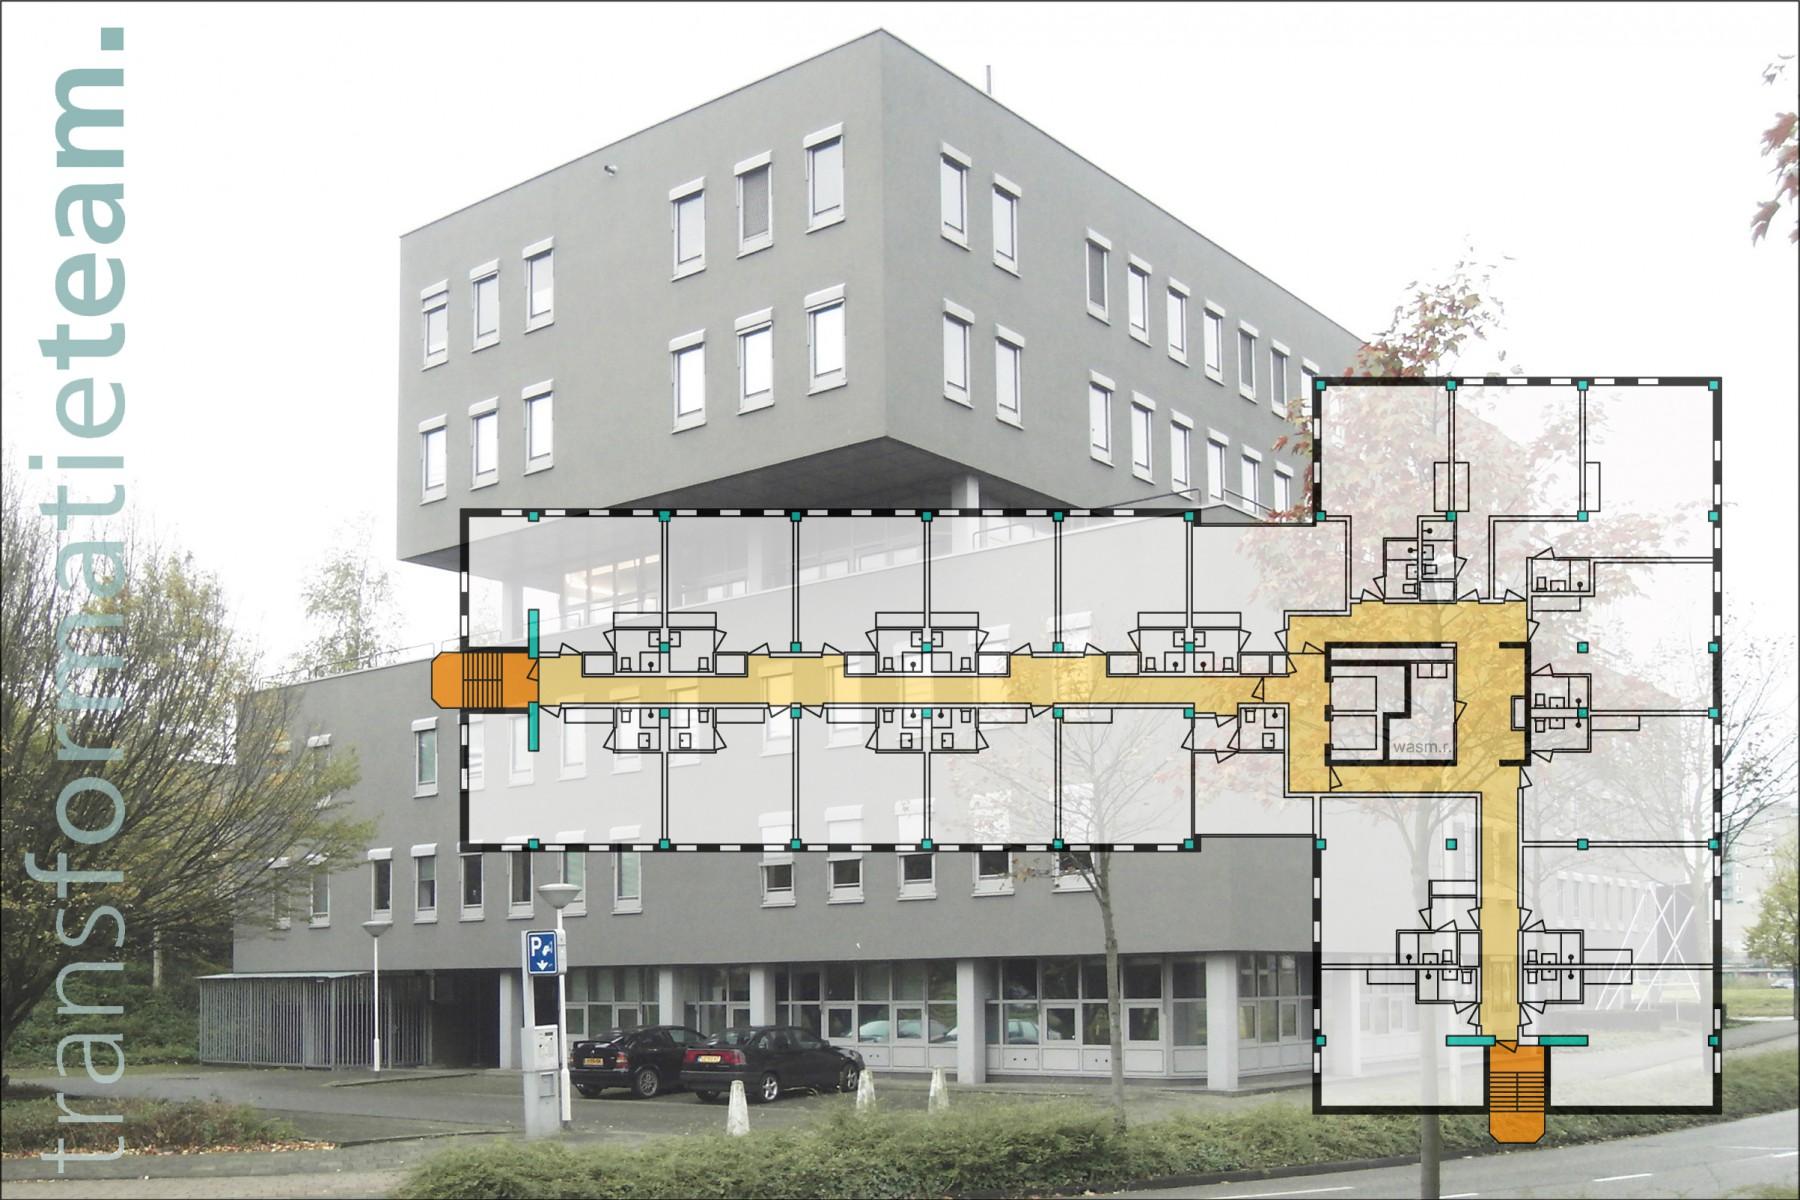 Zoetermeer, Italiëlaan, Transformatie, 97 studio's